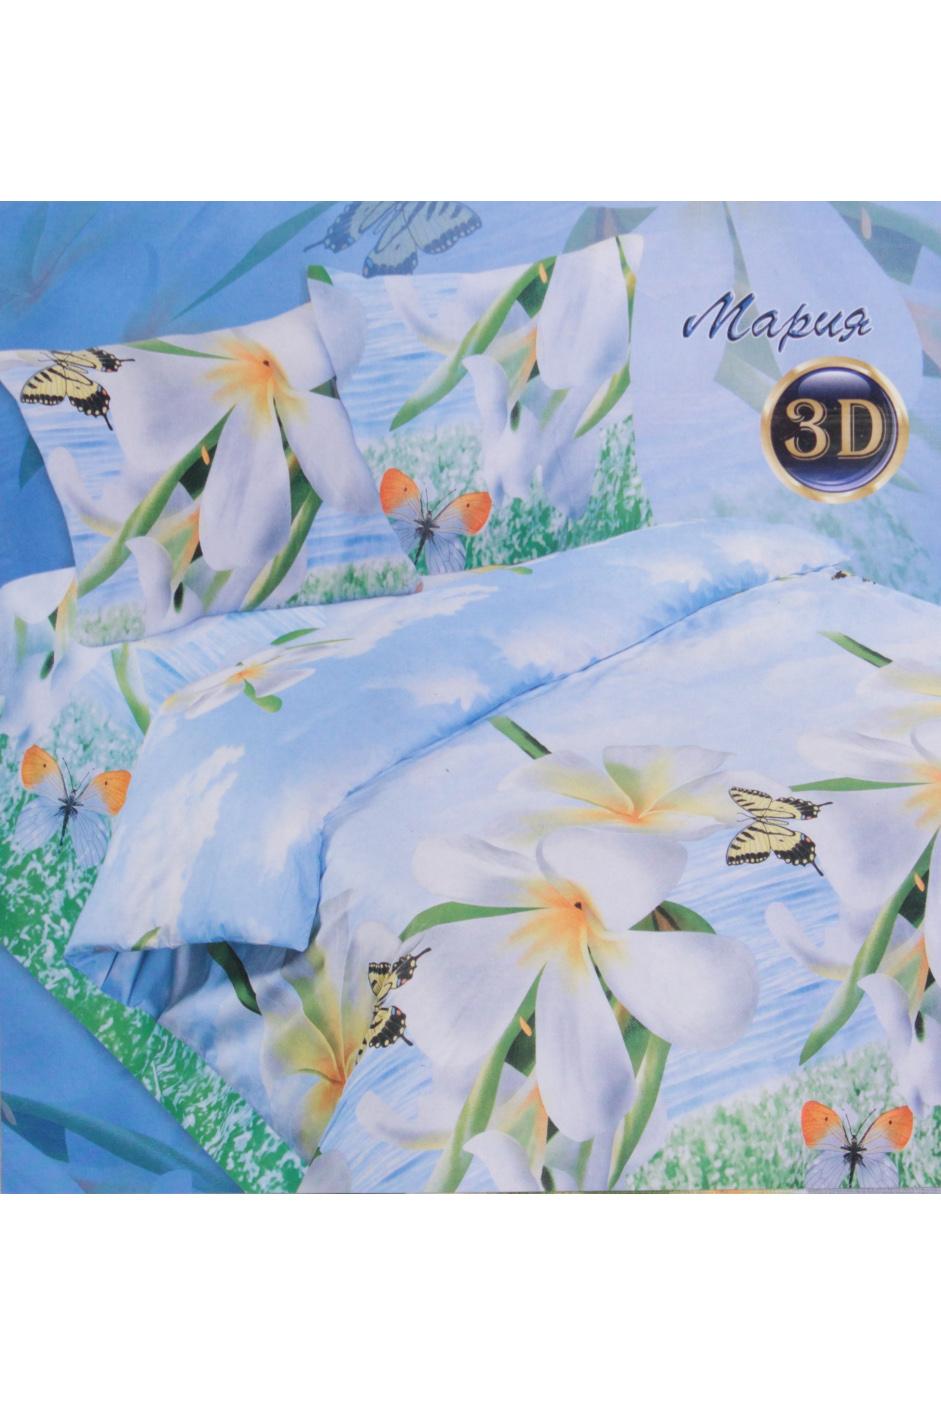 Комплект постельного бельяПостельное белье<br>Бязь - это плотная хлопчатобумажная ткань, гигиеничная, обладающая низкой сменяемостью и легко стирающаяся. Изготавливается из 100% хлопка с использованием устойчивых безопасных красителей для нанесения рисунка на долгие годы, сохраняя яркость цвета.  В изделии использованы цвета: голубой, белый и др.  Обращаем Ваше внимание на то, что расположение рисунка на комплекте не всегда полностью совпадает с рисунком на картинке Данное несоответствие не расценивается как брак или некондиция.  Комплект полутораспального гарнитура: Пододеяльник 150х215 - 1шт. Простынь 150х220 - 1шт. Наволочка 70х70 - 2шт.  Комплект двуспального гарнитура: Пододеяльник 180х220 - 1шт. Простынь 180х220 - 1шт. Наволочка 70х70 - 2 шт.  Комплект двуспального гарнитура с Евро простыней: Пододеяльник 180х220 - 1шт. Простынь 220х240 - 1шт. Наволочка 70х70 - 2 шт.  Комплект Евро гарнитура:  Пододеяльник 220х240 - 1шт.  Простынь 220х240 - 1шт.  Наволочка 70х70 - 2 шт.  Комплект Дуэт гарнитура:  Пододеяльник 150х220 - 2 шт. Простынь 220х240 - 1шт.  Наволочка 70х70 - 2 шт.<br><br>Комплектация: Наволочка 2 шт.,Пододеяльник 1 шт.,Простыня 1 шт.<br>Материал: Бязь,Хлопок<br>Размер: Полутороспальные<br>Рисунок: Растительные мотивы,С принтом,Цветные,Цветочные<br>Способ закрывания: В нахлест<br>Размер : 1,5<br>Материал: Бязь набивная б/шва 100% хлопок<br>Количество в наличии: 1